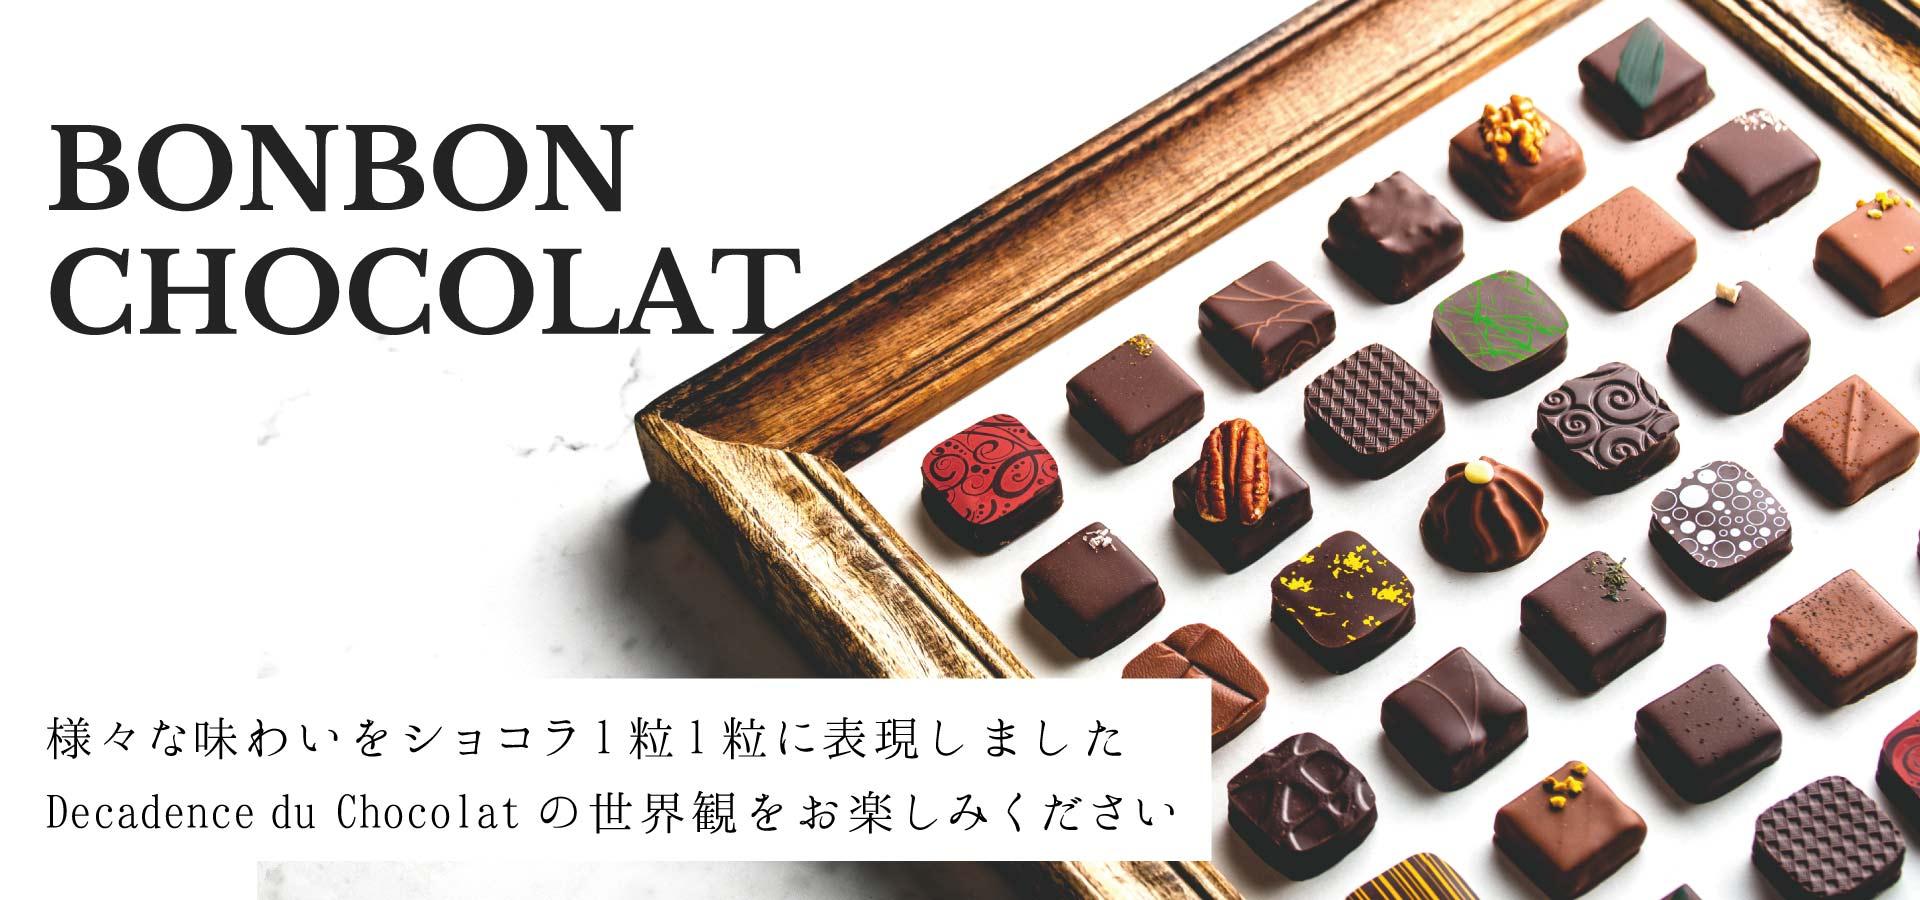 低糖質/無糖チョコレート